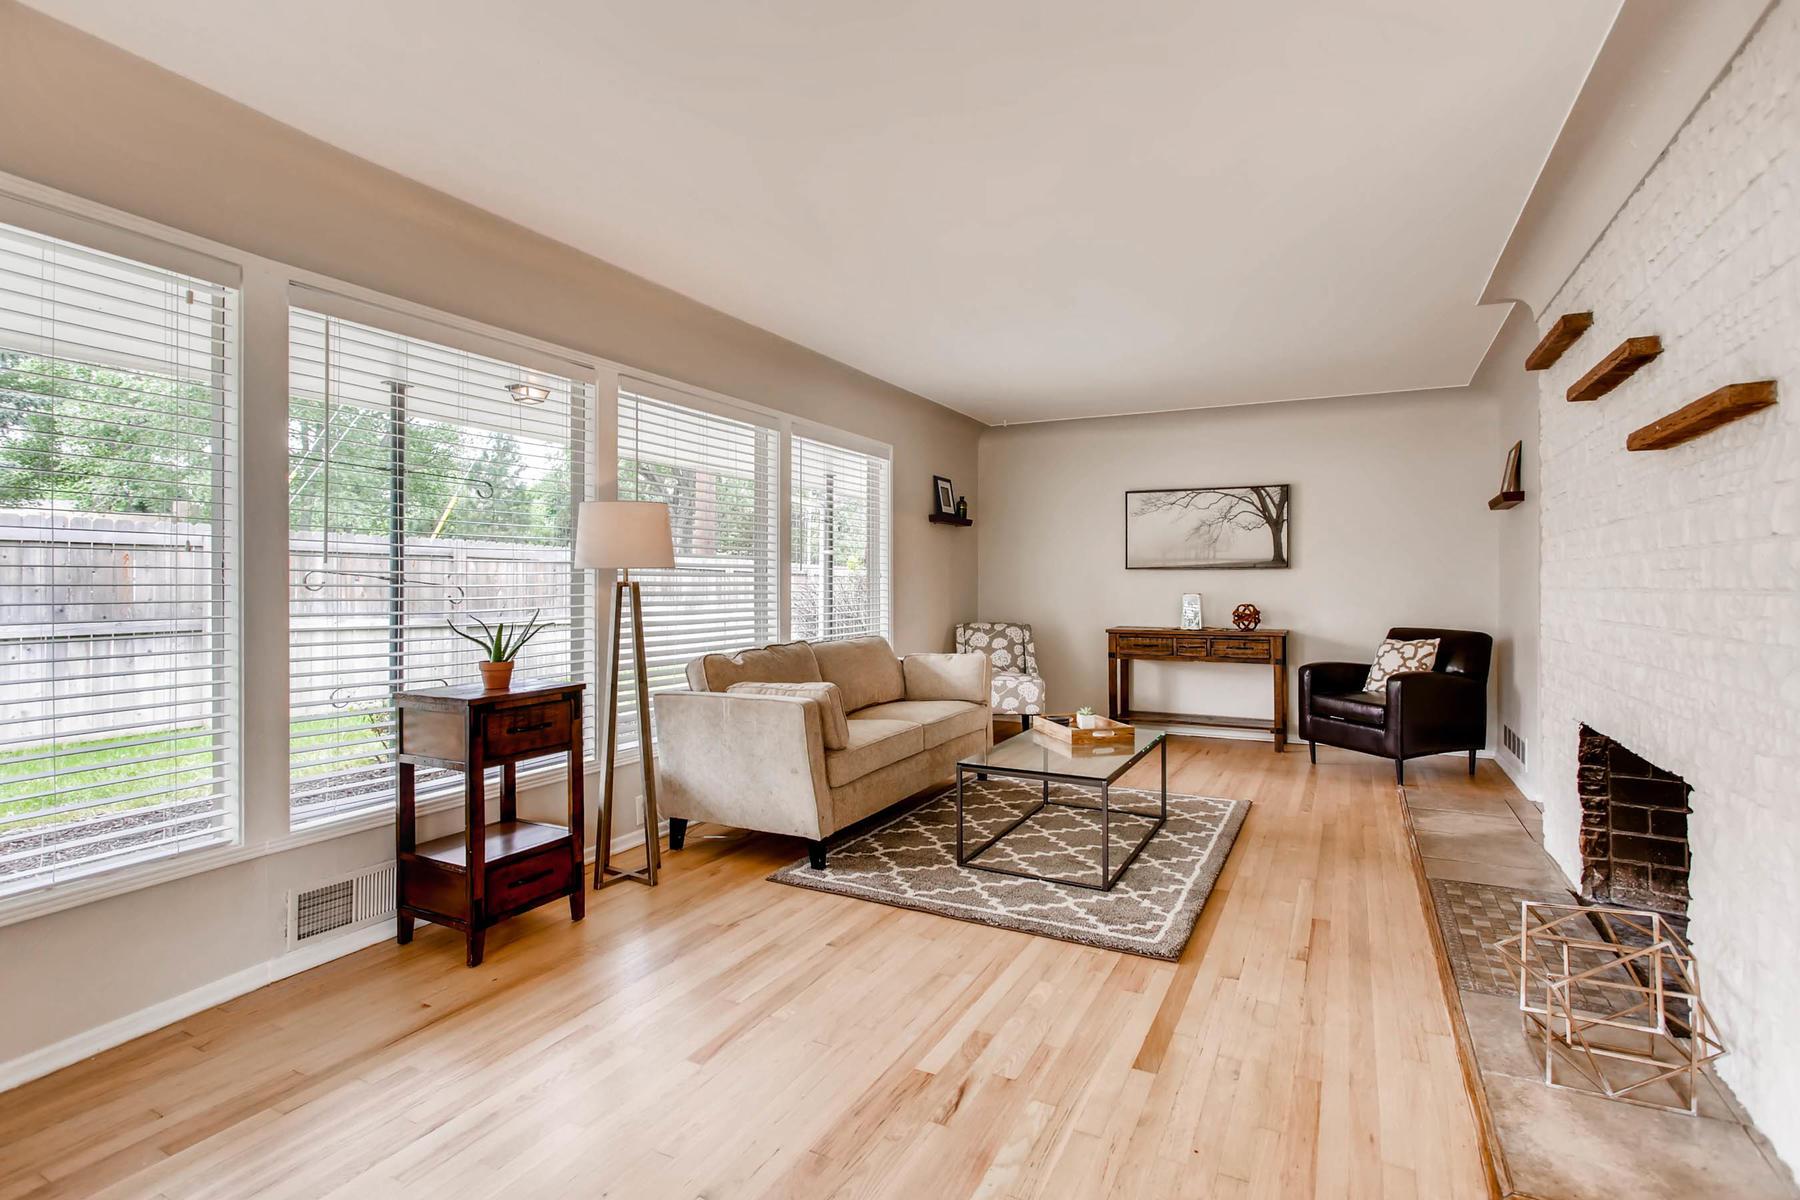 5091 S CLARKSON STREET-MLS_Size-003-1-Living Room-1800x1200-72dpi.jpg